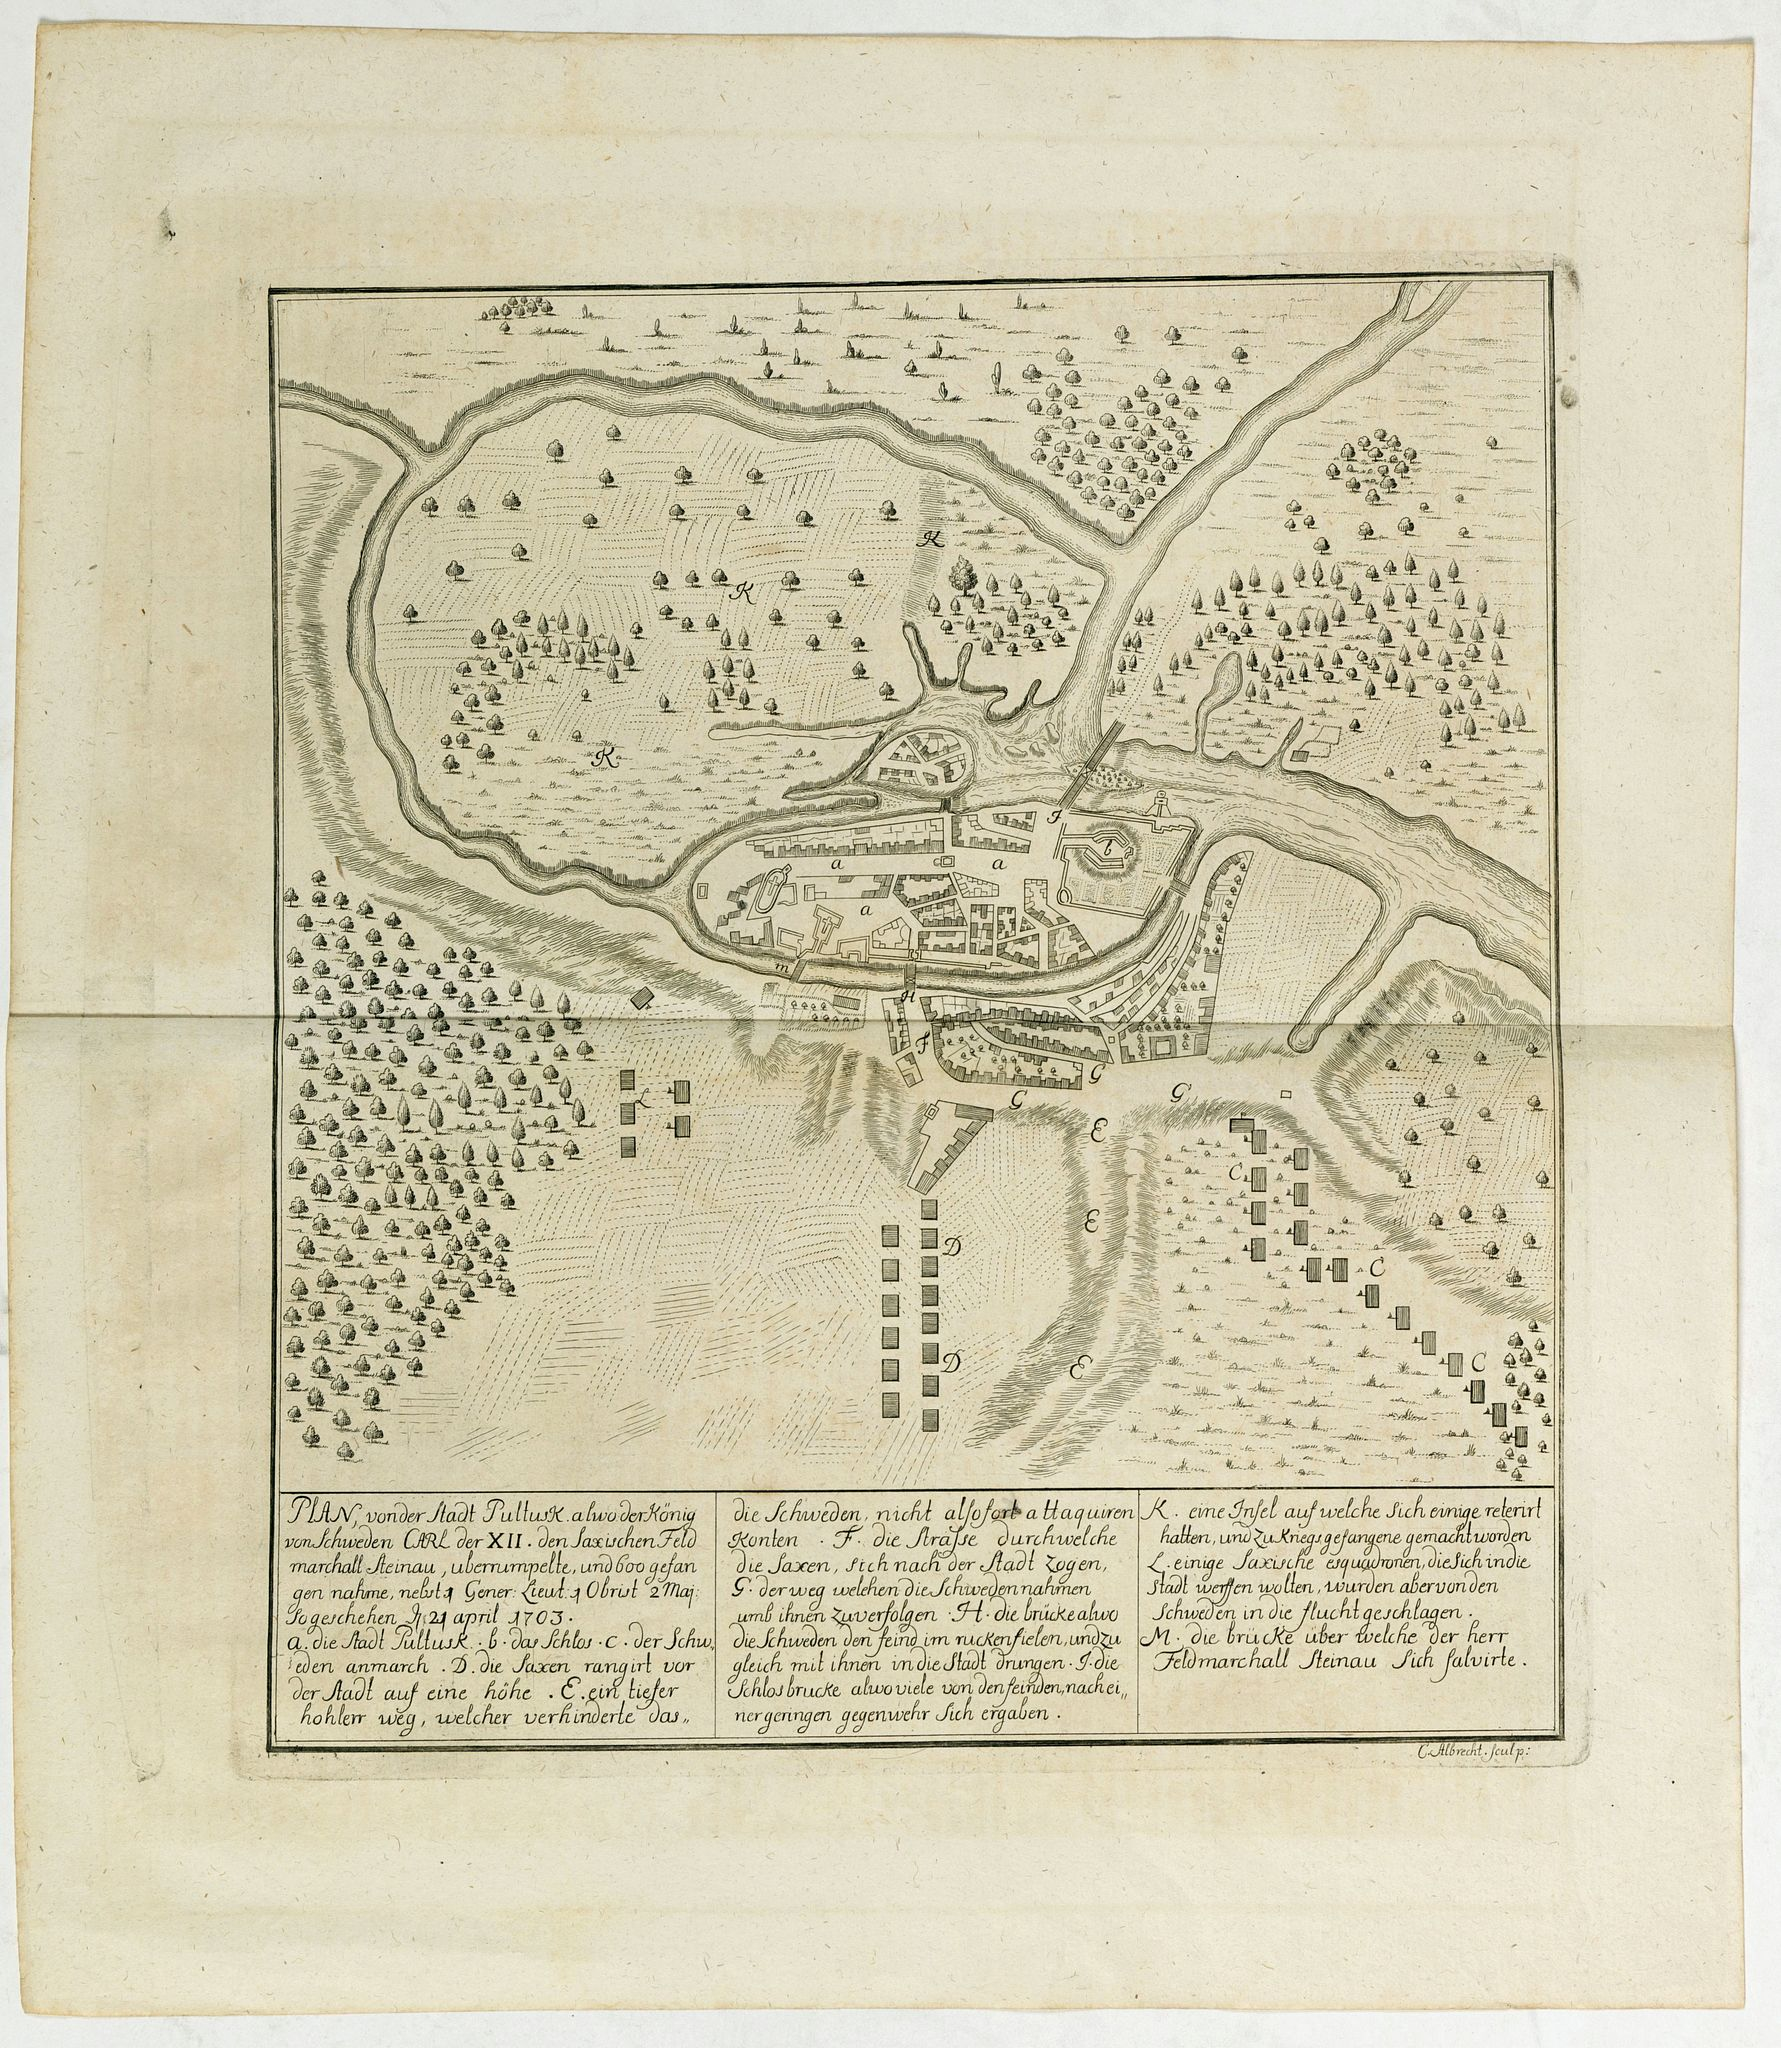 ALBRECHT, C. -  Plan von der Stadt Pullusk alwo der Konig von Sweden Carl XII den Saxischen Feldmarschall Steinau. . .